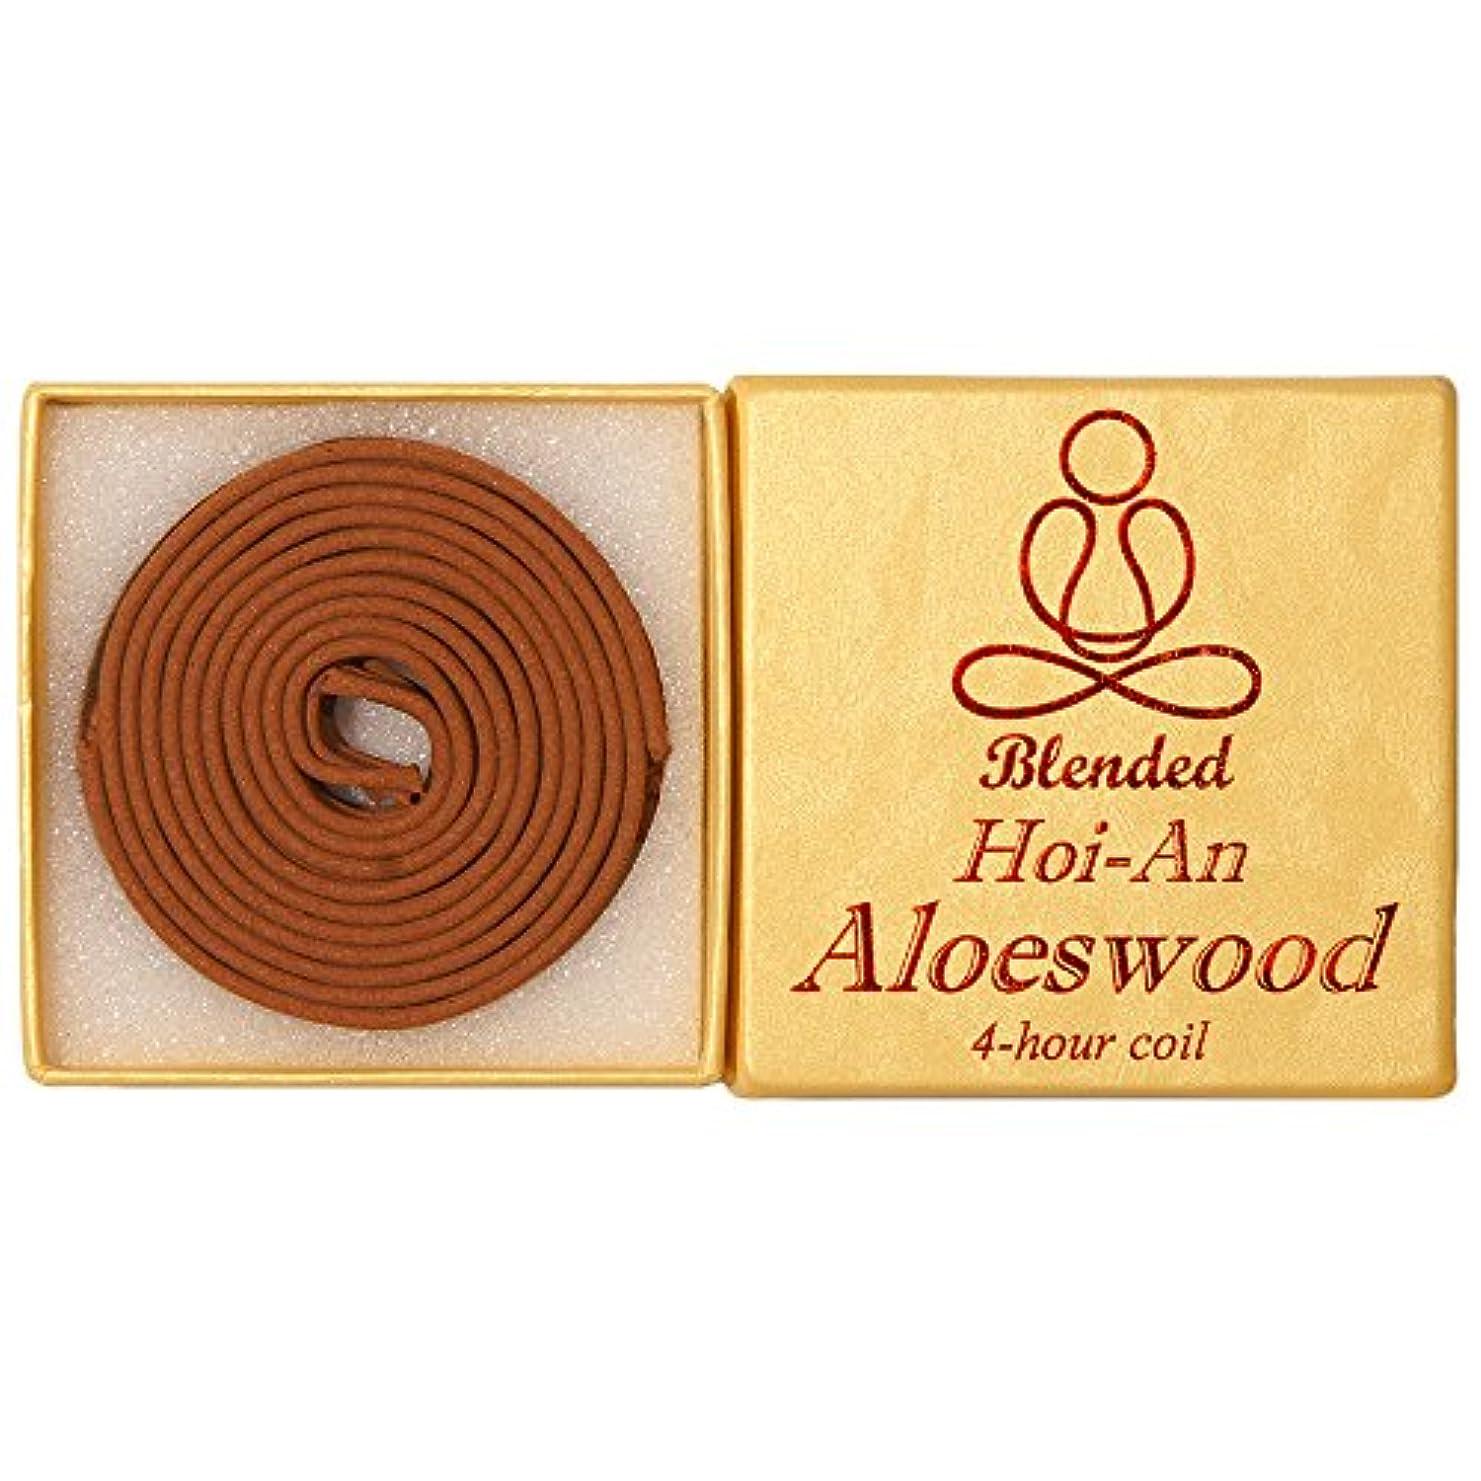 置換男やもめほんのBlended Hoi-An Aloeswood - 12 pieces 4-hour Coil - 100% natural - GHC152T